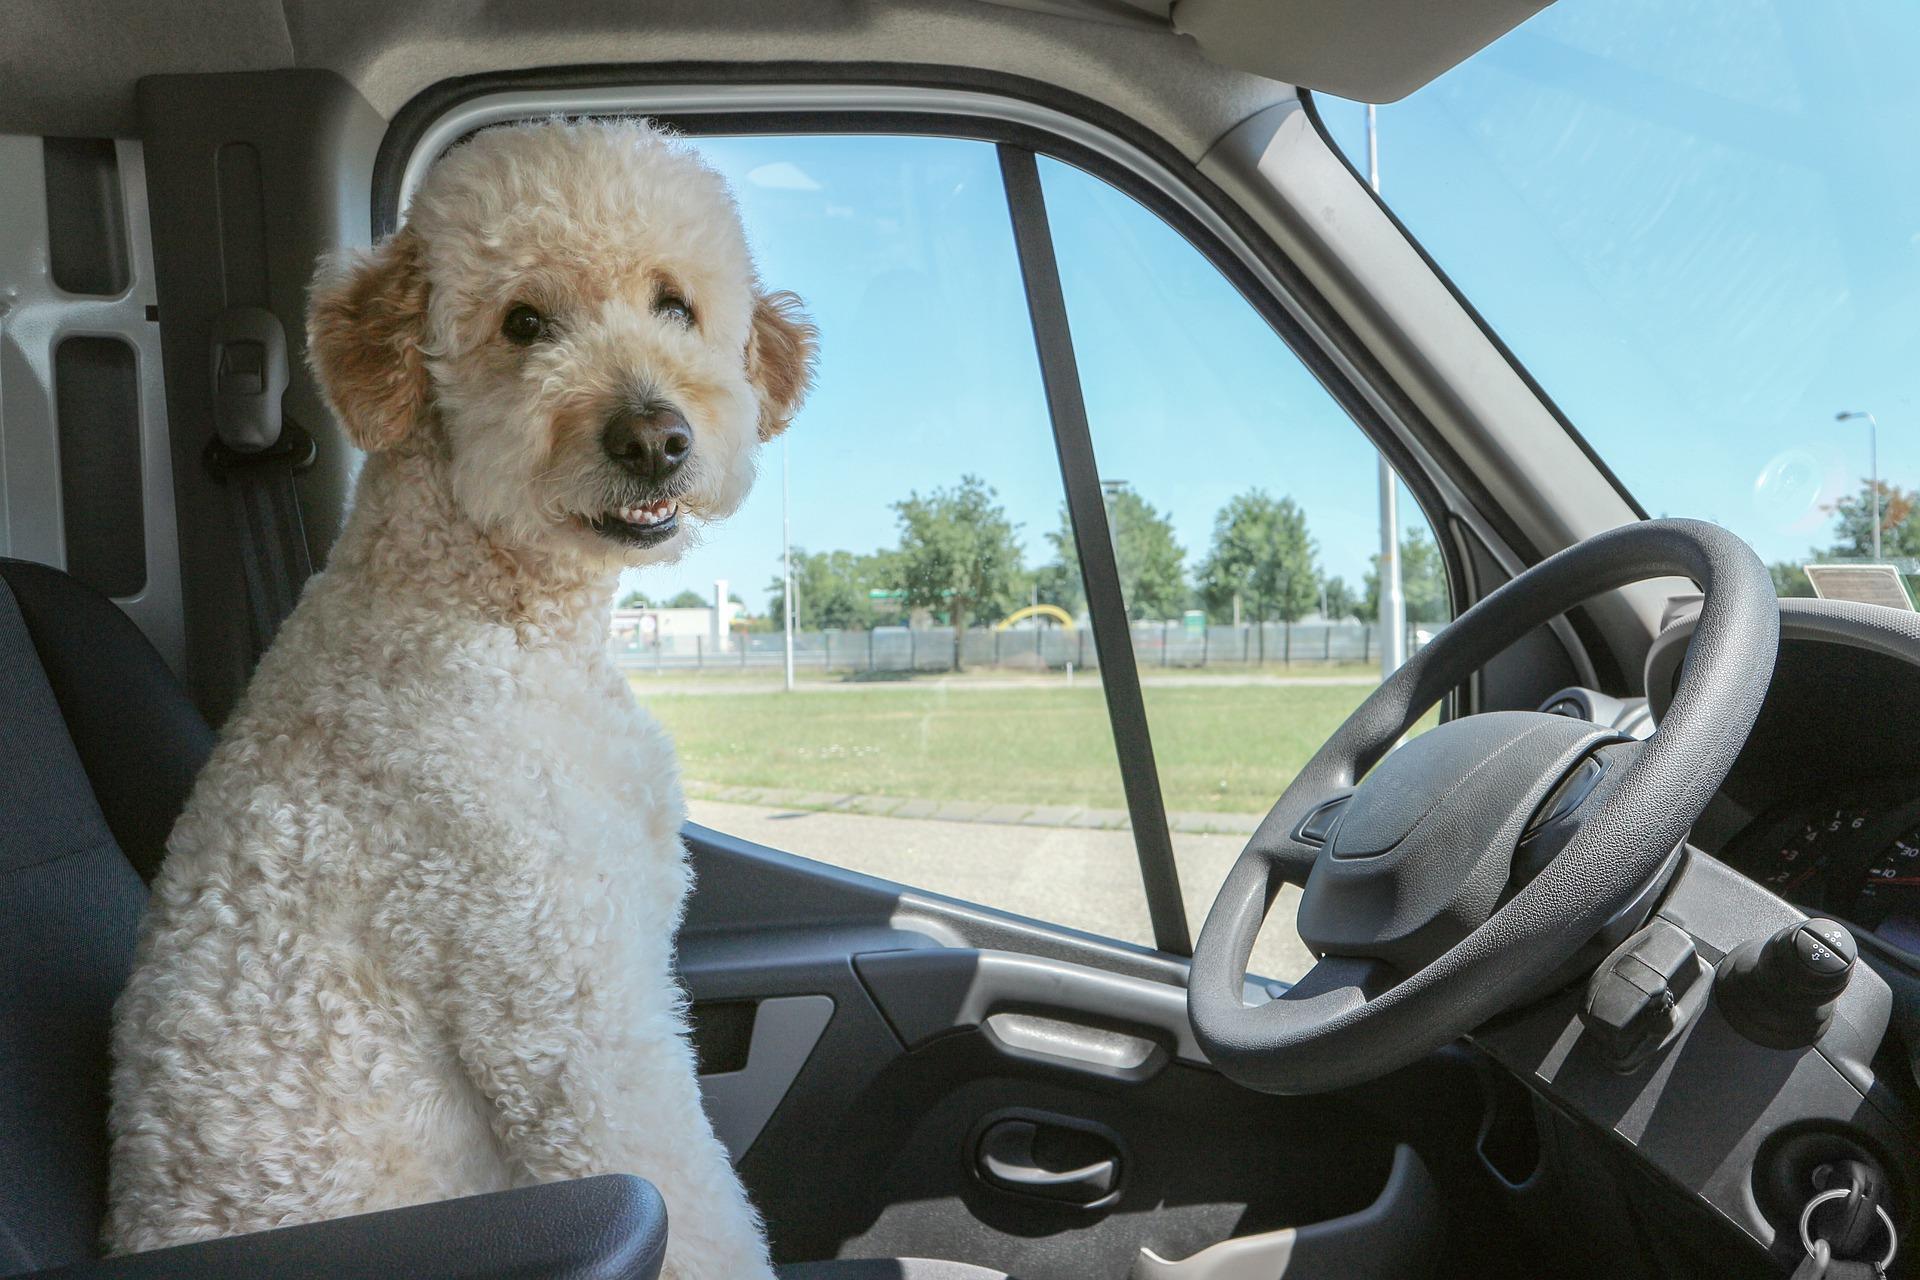 【運転免許のヒミツ】アメリカで日本の免許証が失効しても大丈夫